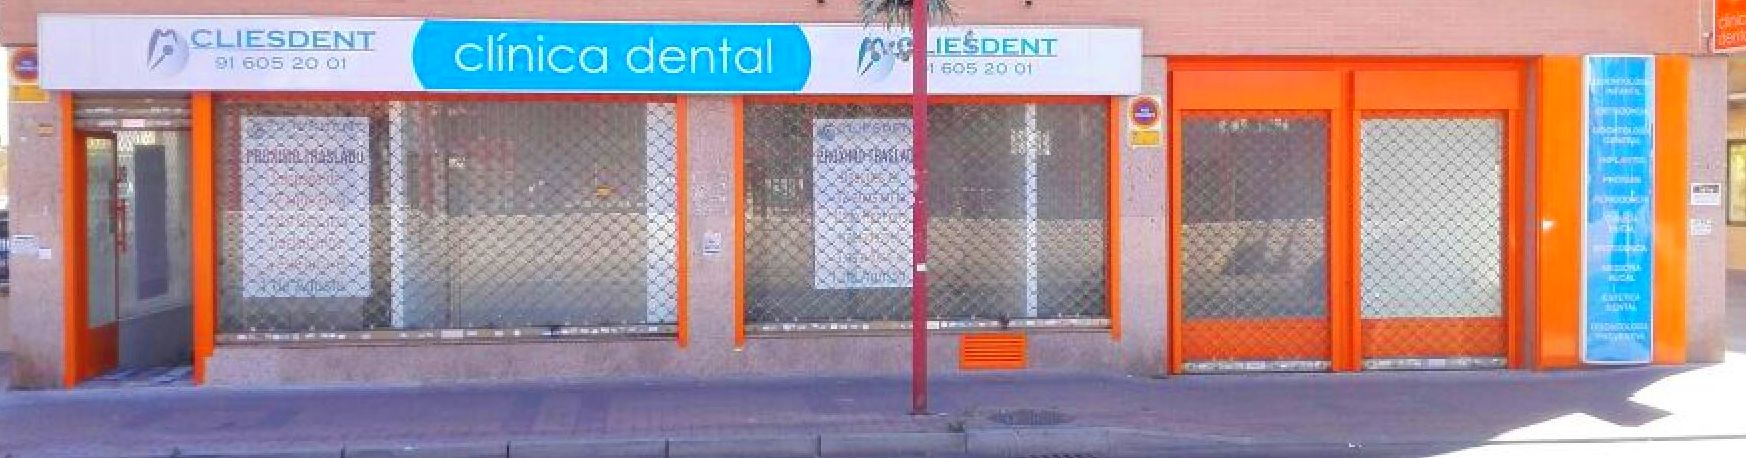 Cliesdent se traslada a calle Leganés 33, Parla